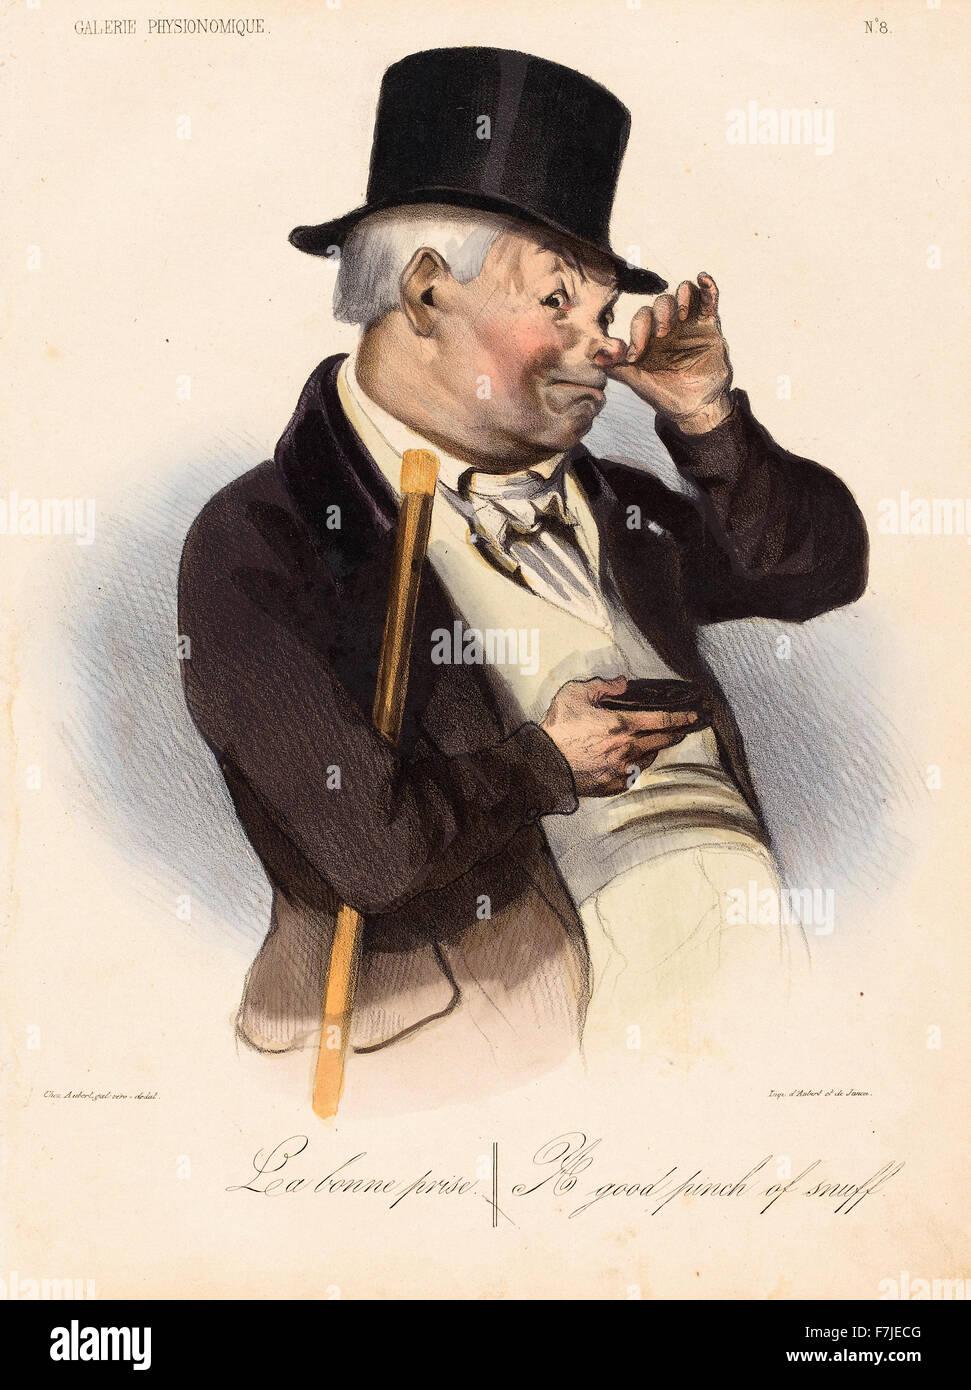 Honoré-Victorin Daumier - La Bonne Prise - Stock Image